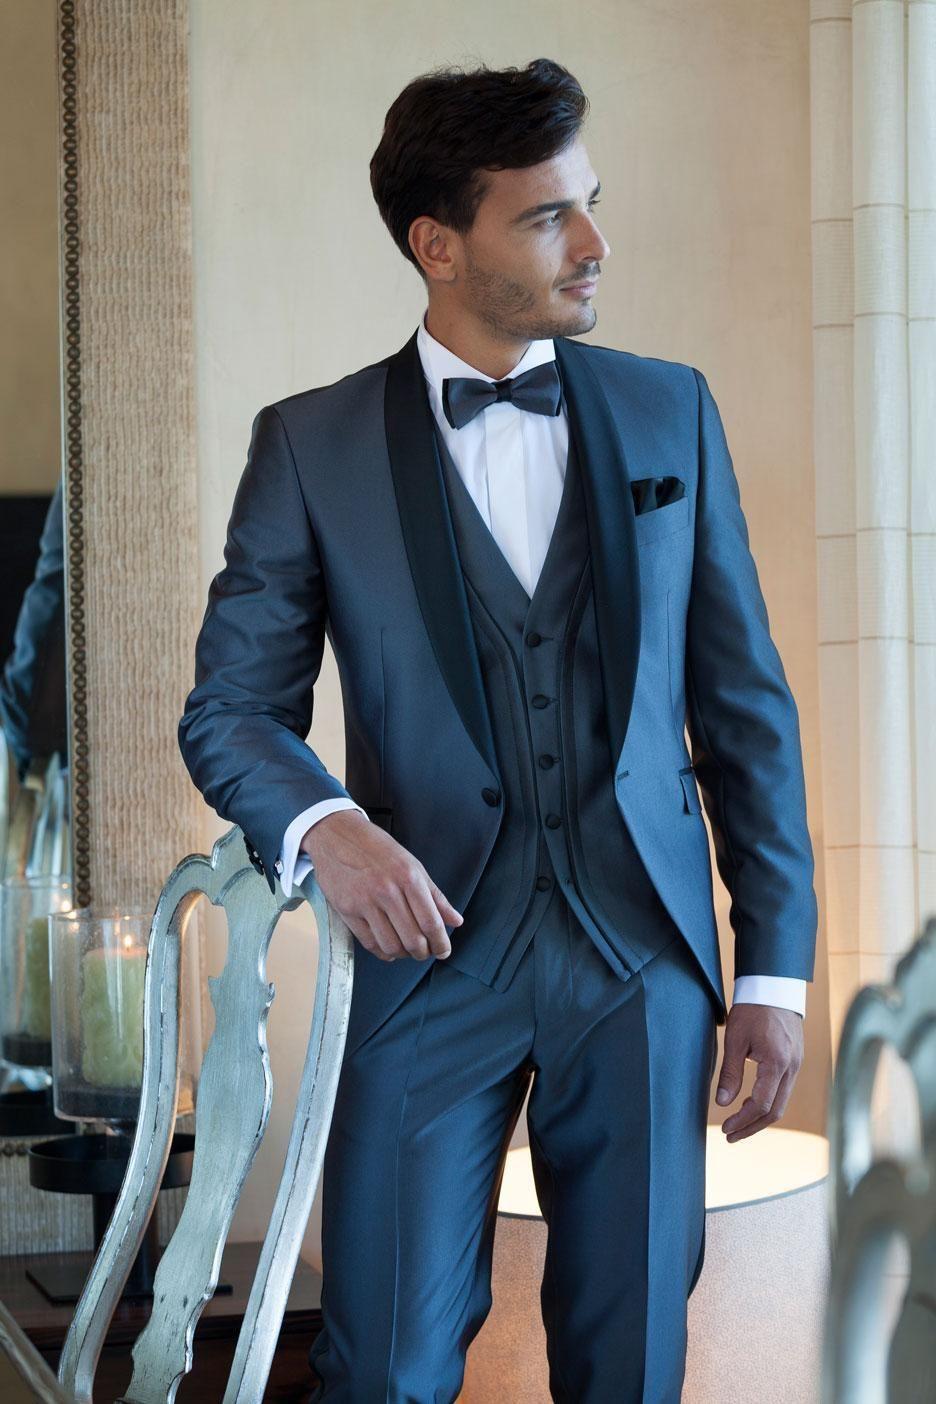 Slate Blue 'Allure Men' Tuxedo from http://www.mytuxedocatalog.com ...